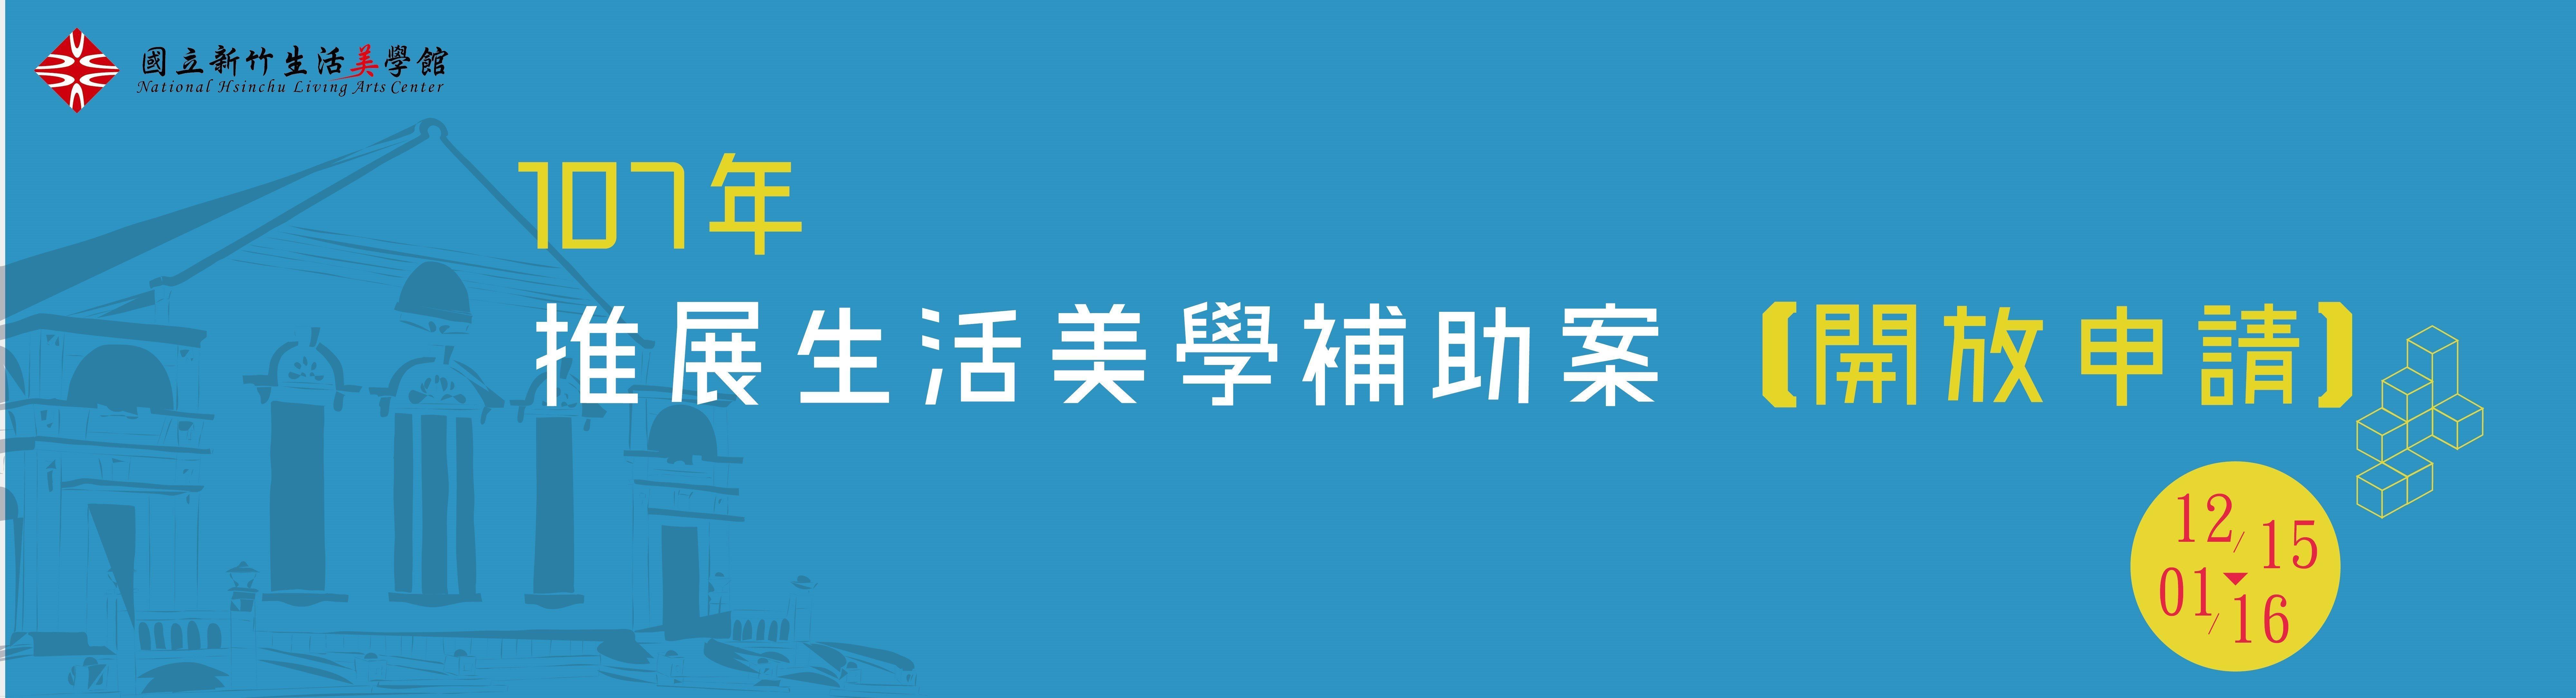 107年國立新竹生活美學館推展生活美學一般補助案上半年受理申請日期